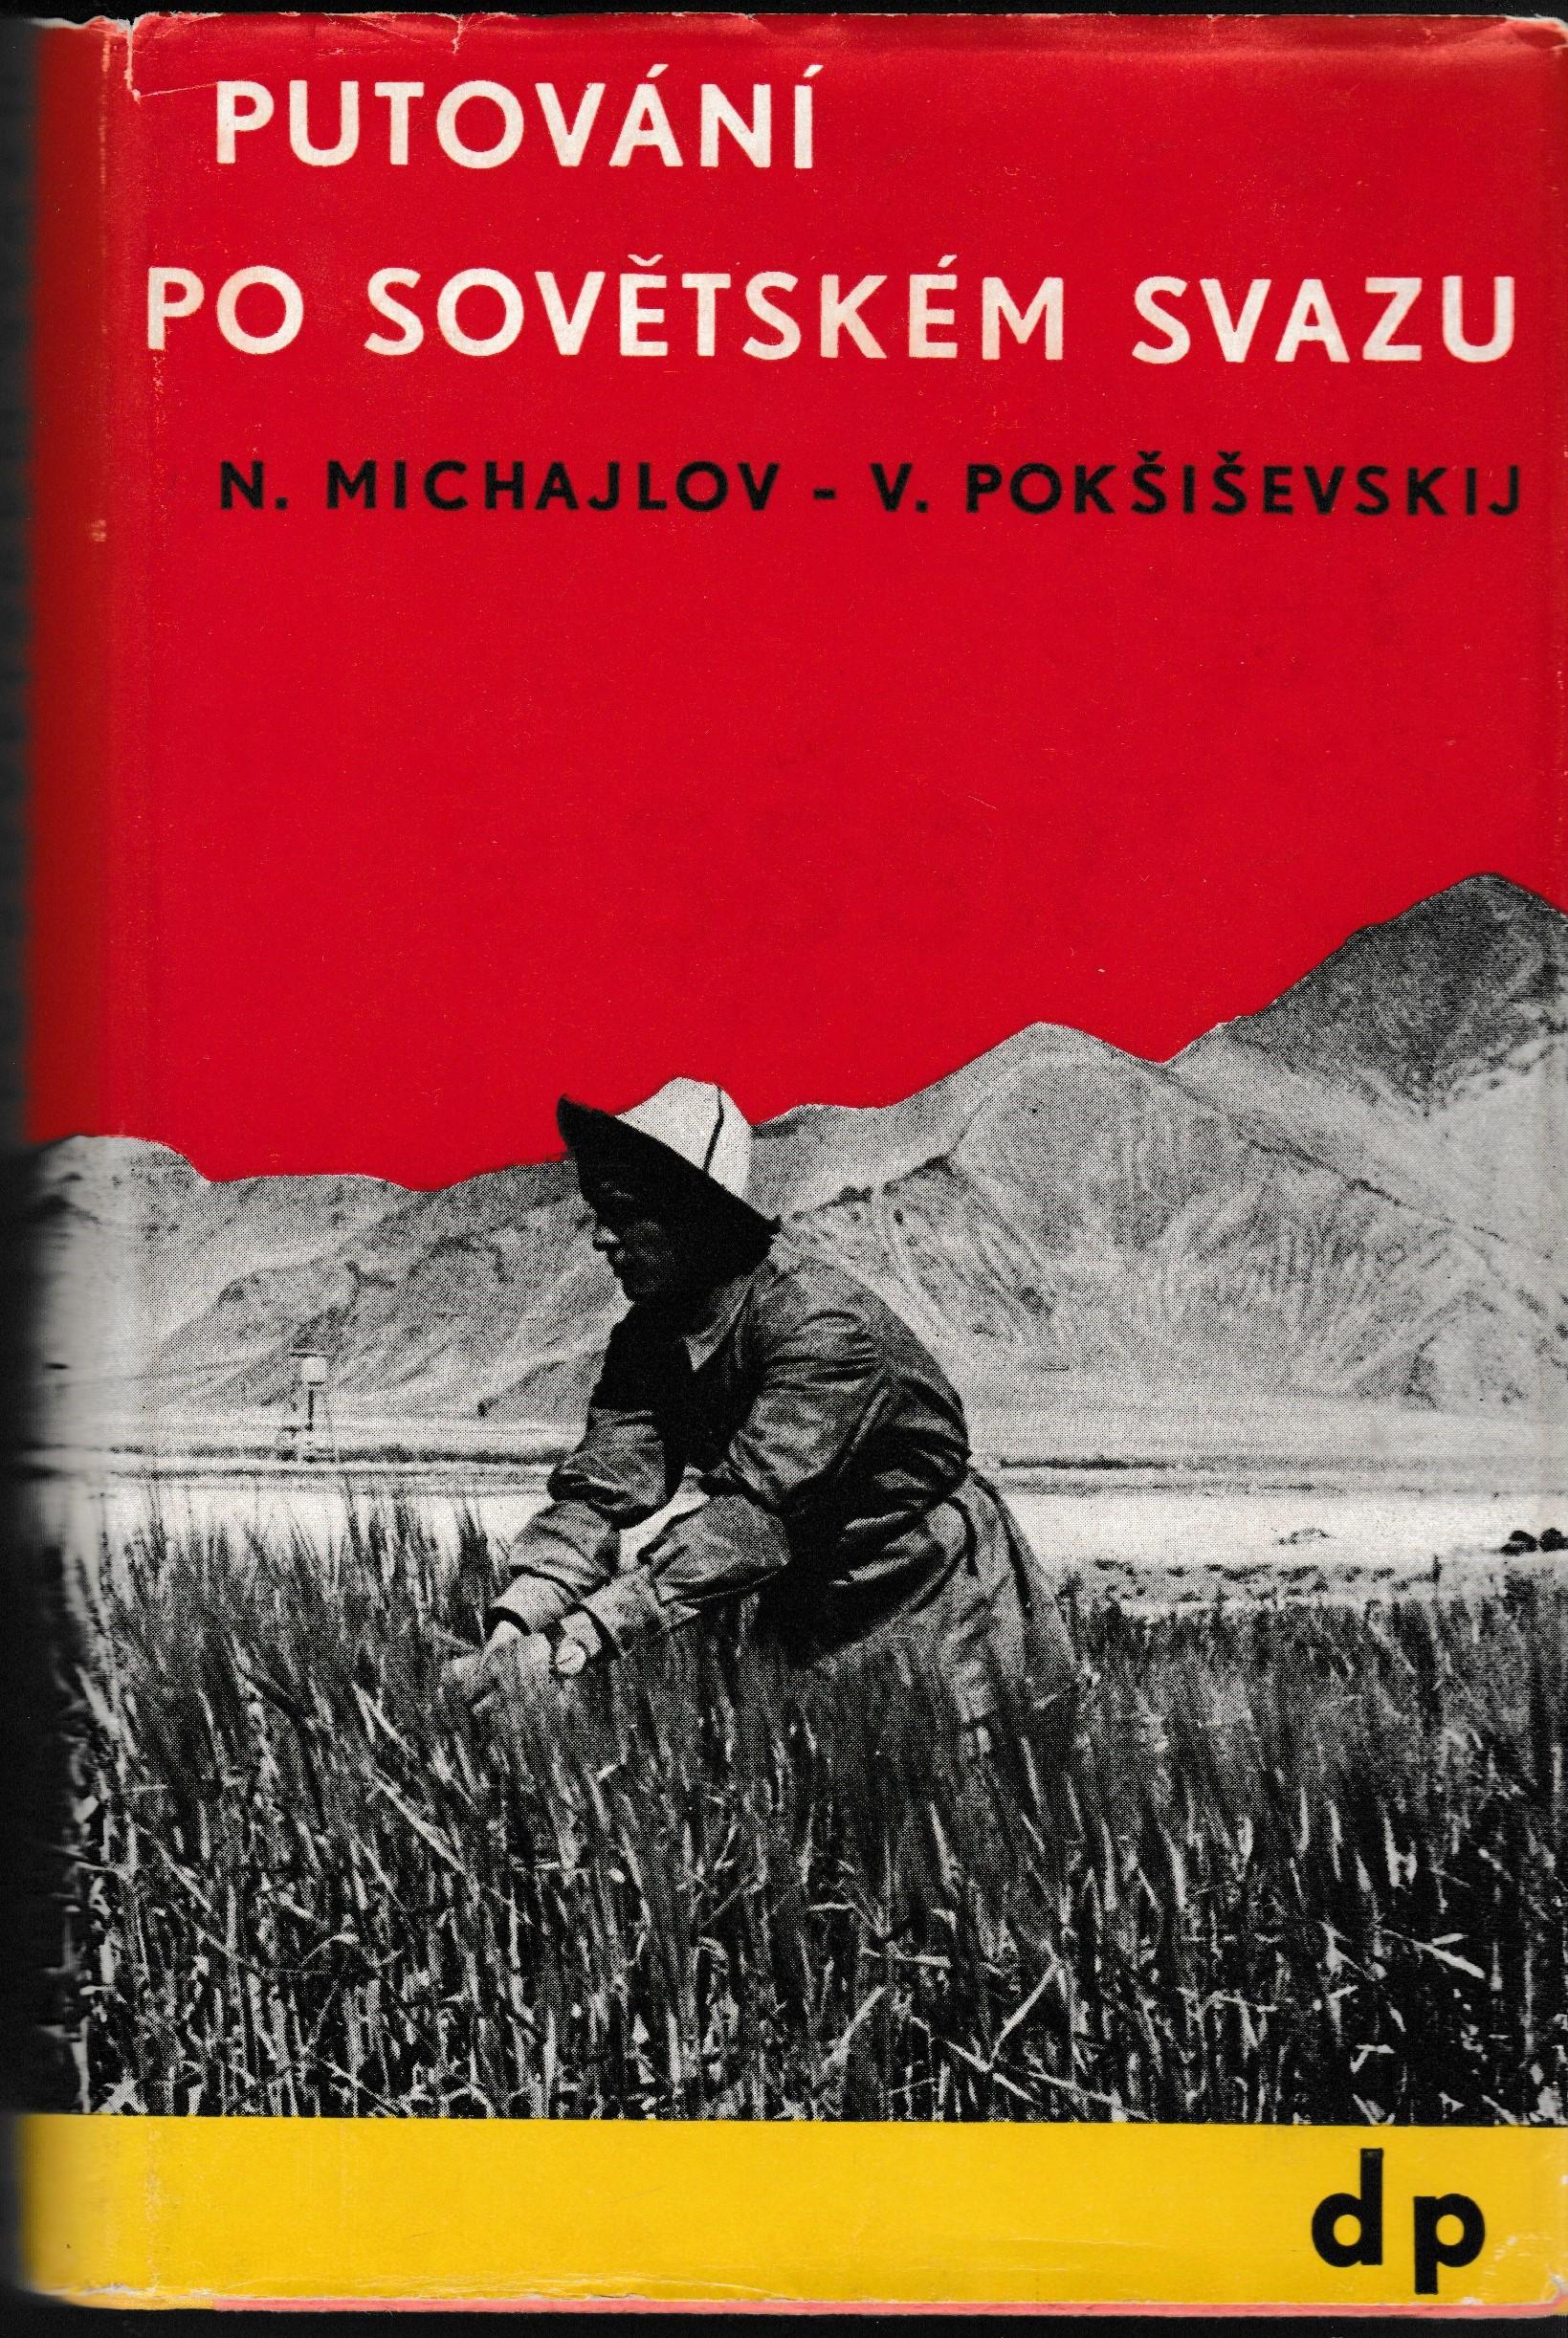 Putování po Sovětském svazu - N. Michajlov, V. Pokšiševskij